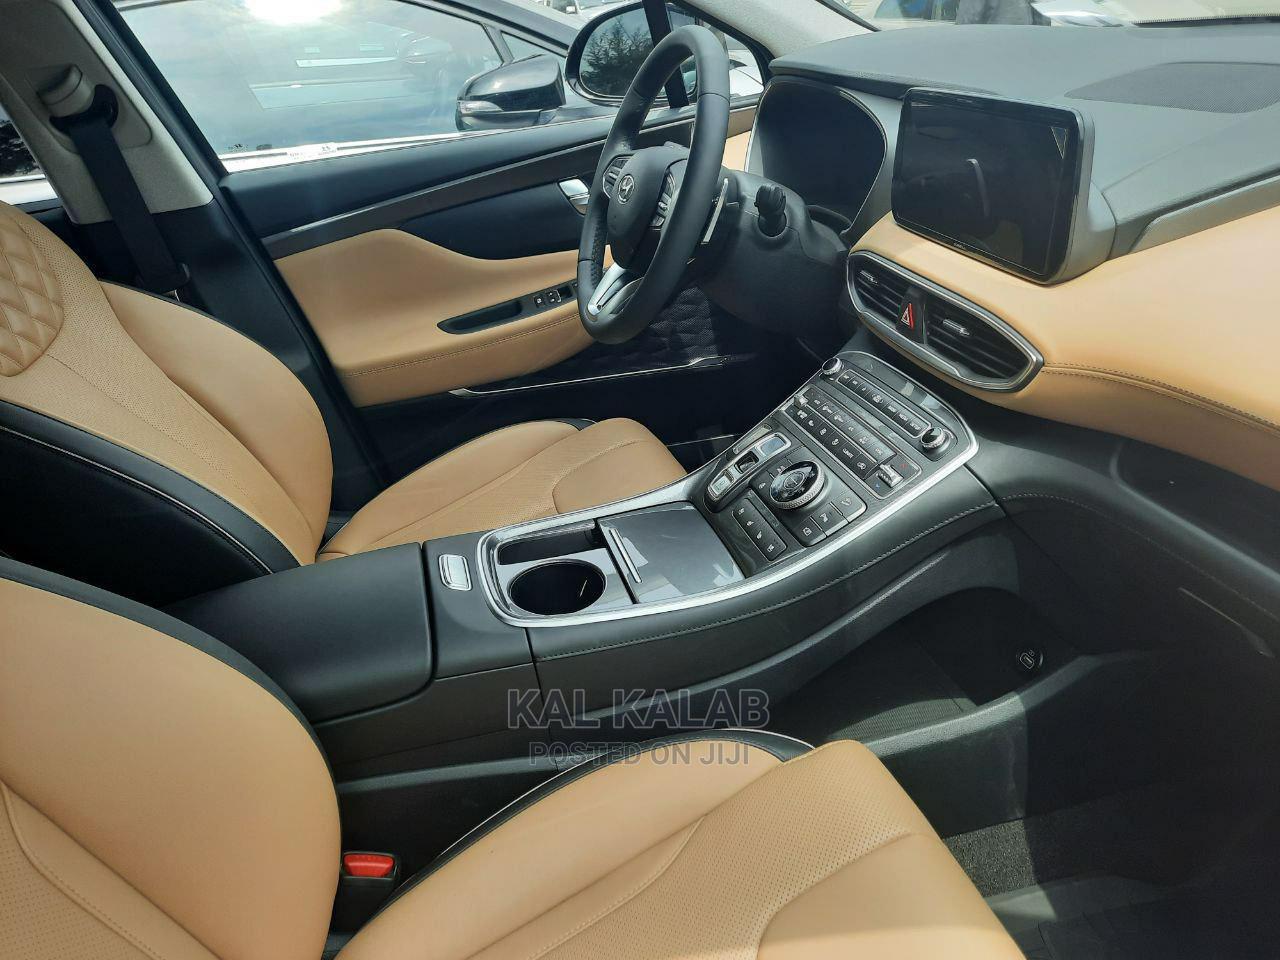 New Hyundai Santa Fe 2021 Black | Cars for sale in Bole, Addis Ababa, Ethiopia